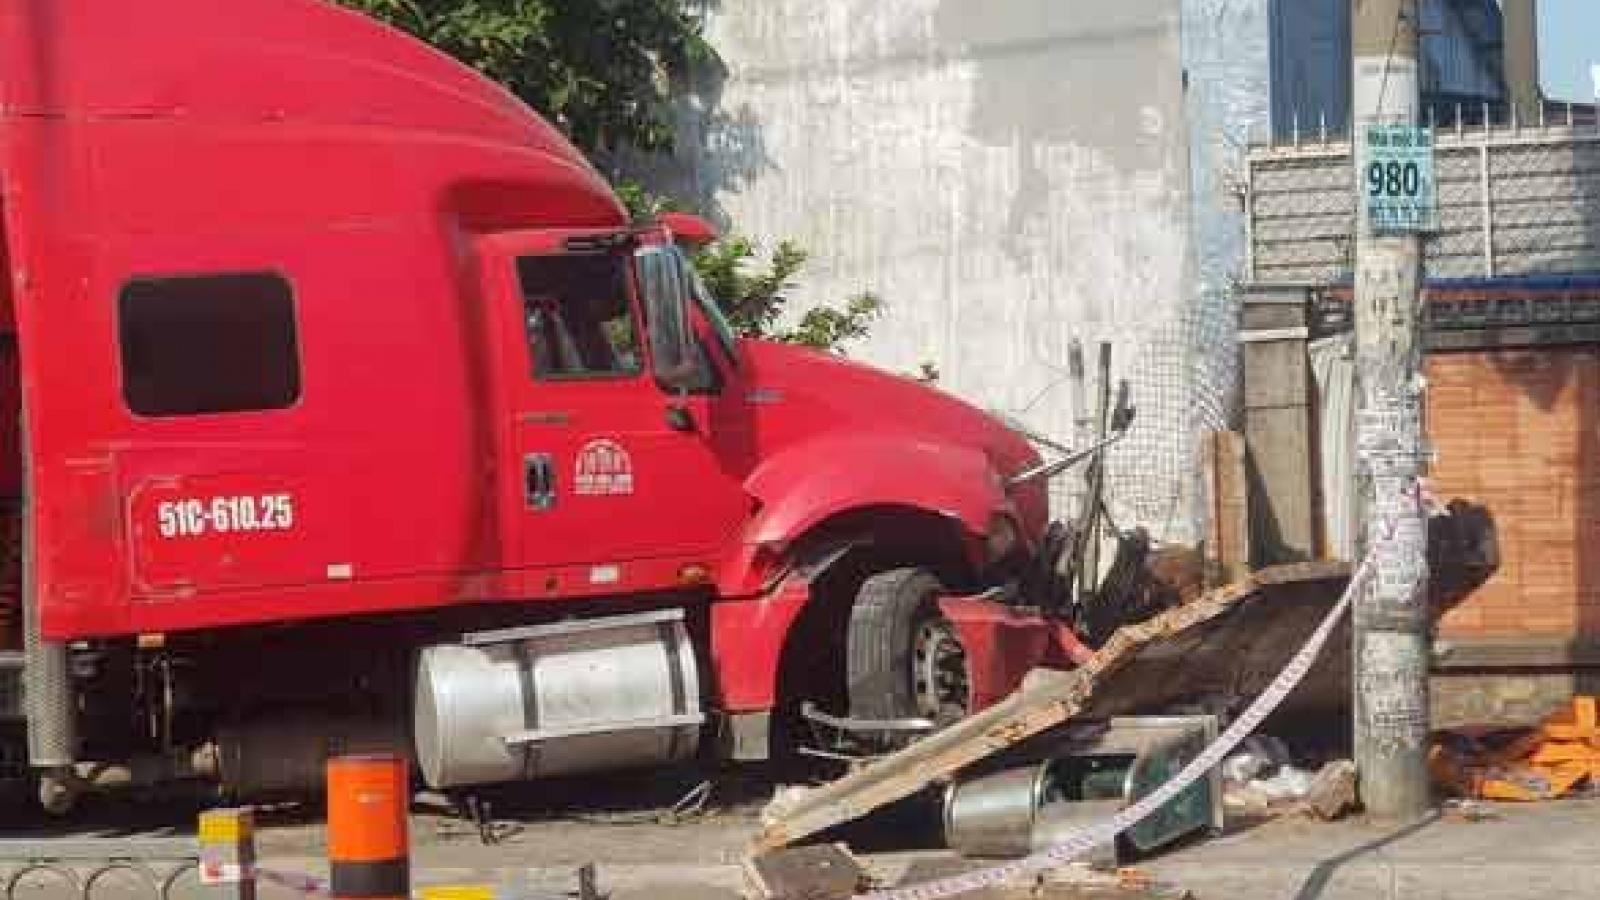 Xe container lao qua đường cán nát xe máy, người đàn ông kịp nhảy khỏi xe thoát chết